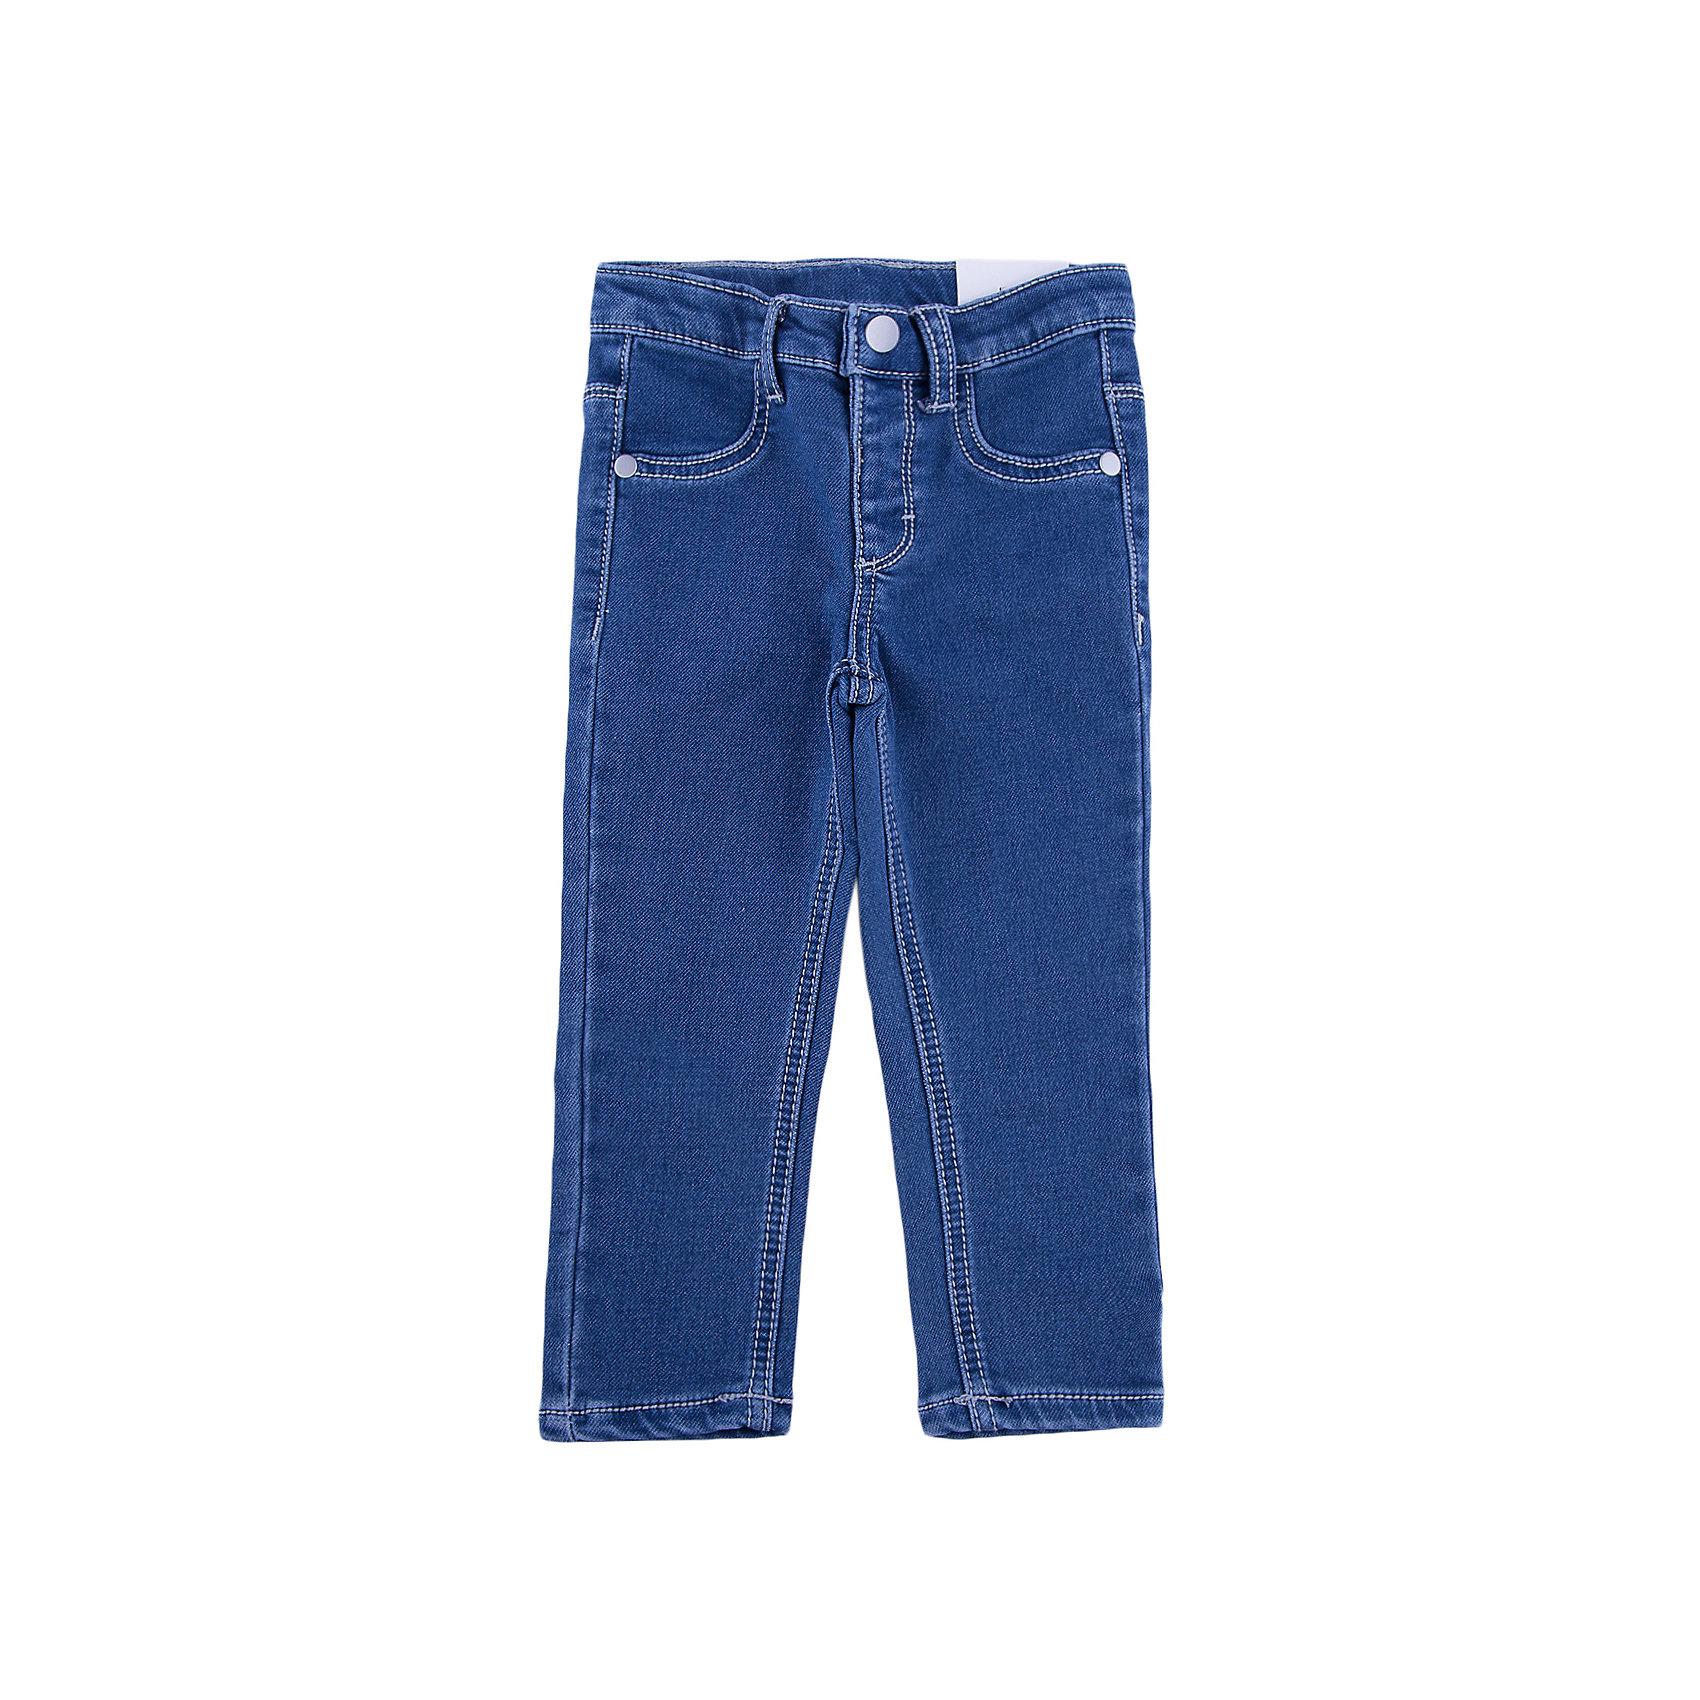 Брюки для девочки PlayTodayБрюки для девочки от известного бренда PlayToday.<br>Стильные брюки из футера с имитацией денима. Застегиваются на кнопку. Пояс эластичный, есть шлевки для ремня. Спереди имитация кармашков, сзади два функциональных кармана с вышивкой.<br>Состав:<br>78% хлопок, 20% полиэстер, 2% эластан<br><br>Ширина мм: 157<br>Глубина мм: 13<br>Высота мм: 119<br>Вес г: 200<br>Цвет: синий<br>Возраст от месяцев: 6<br>Возраст до месяцев: 9<br>Пол: Женский<br>Возраст: Детский<br>Размер: 74,92,80,86<br>SKU: 4900539